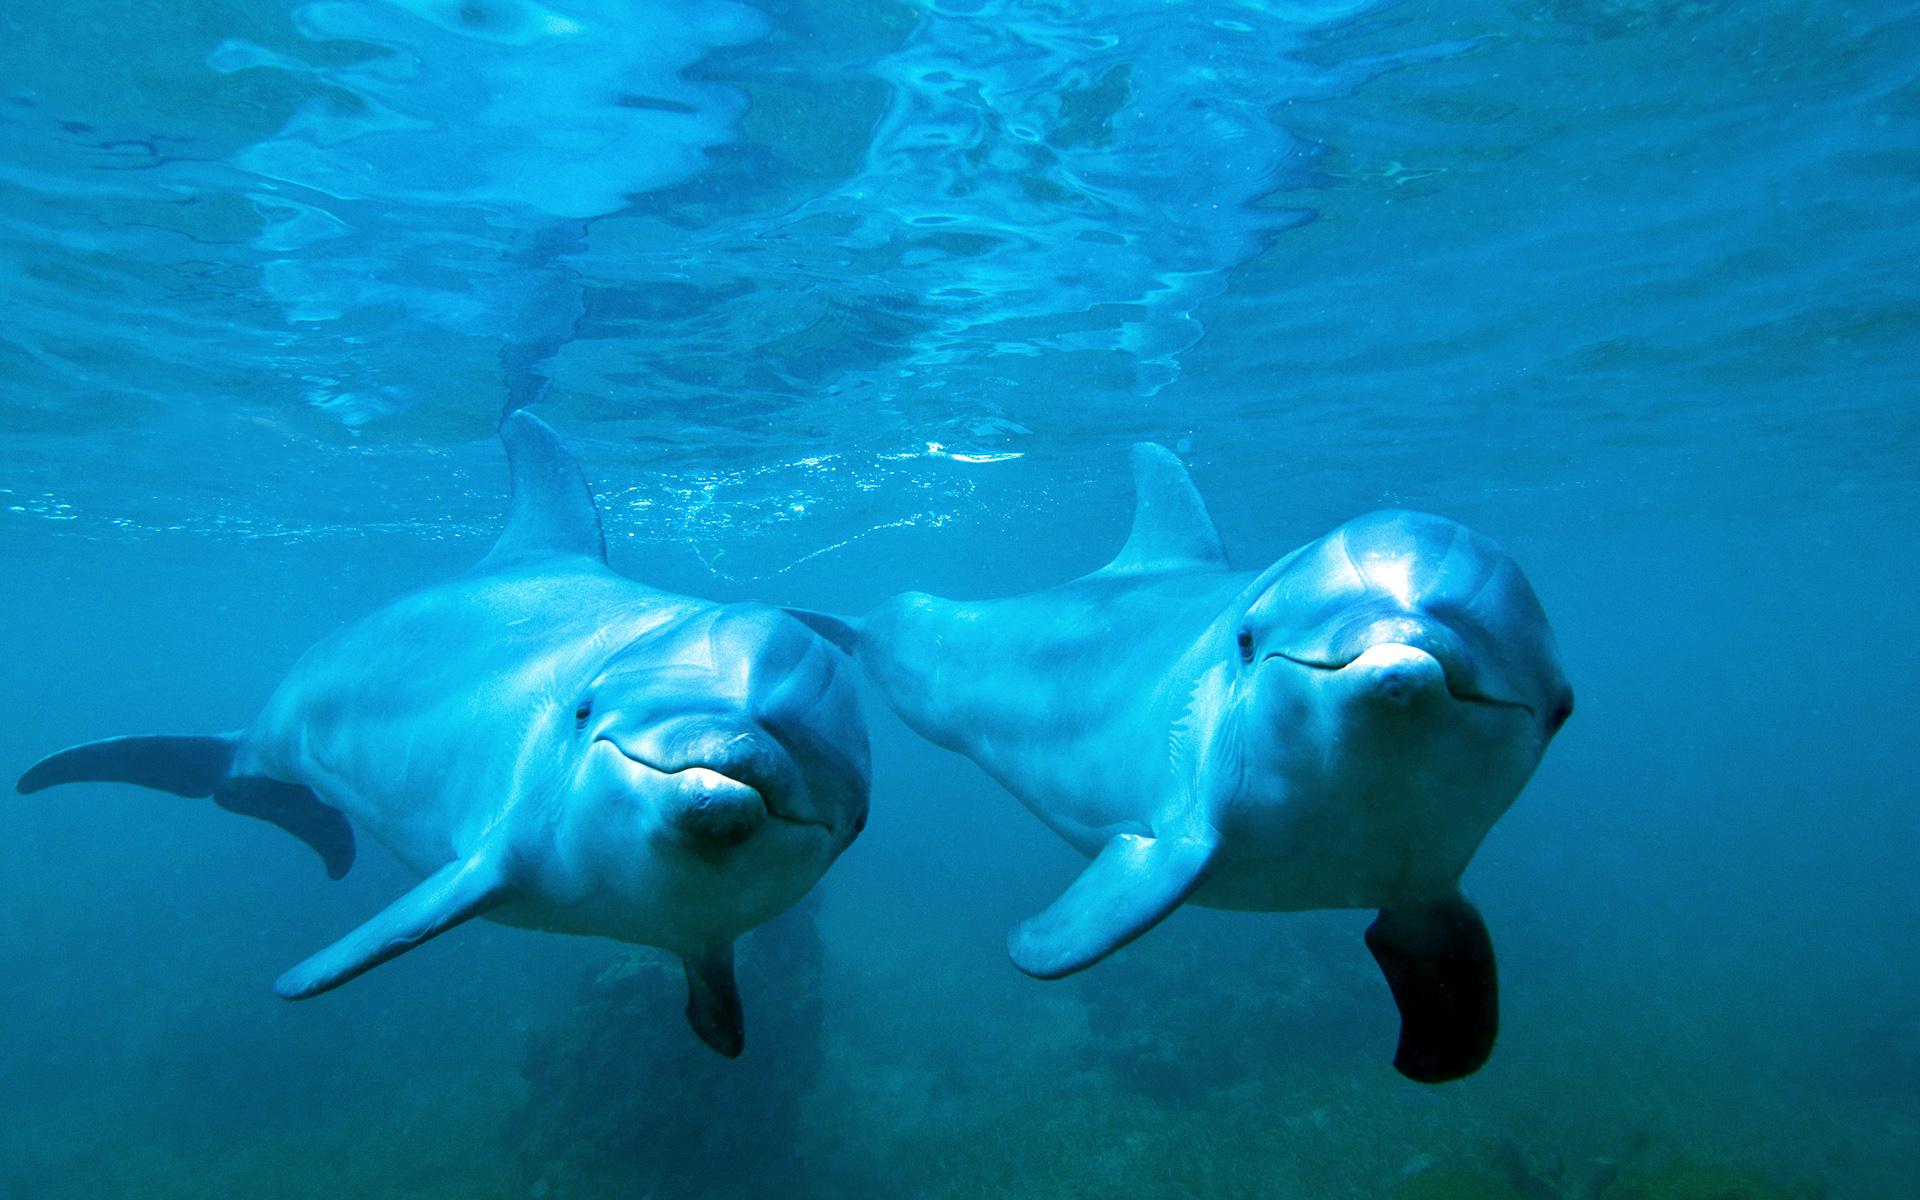 дельфины чёрного моря, афалины